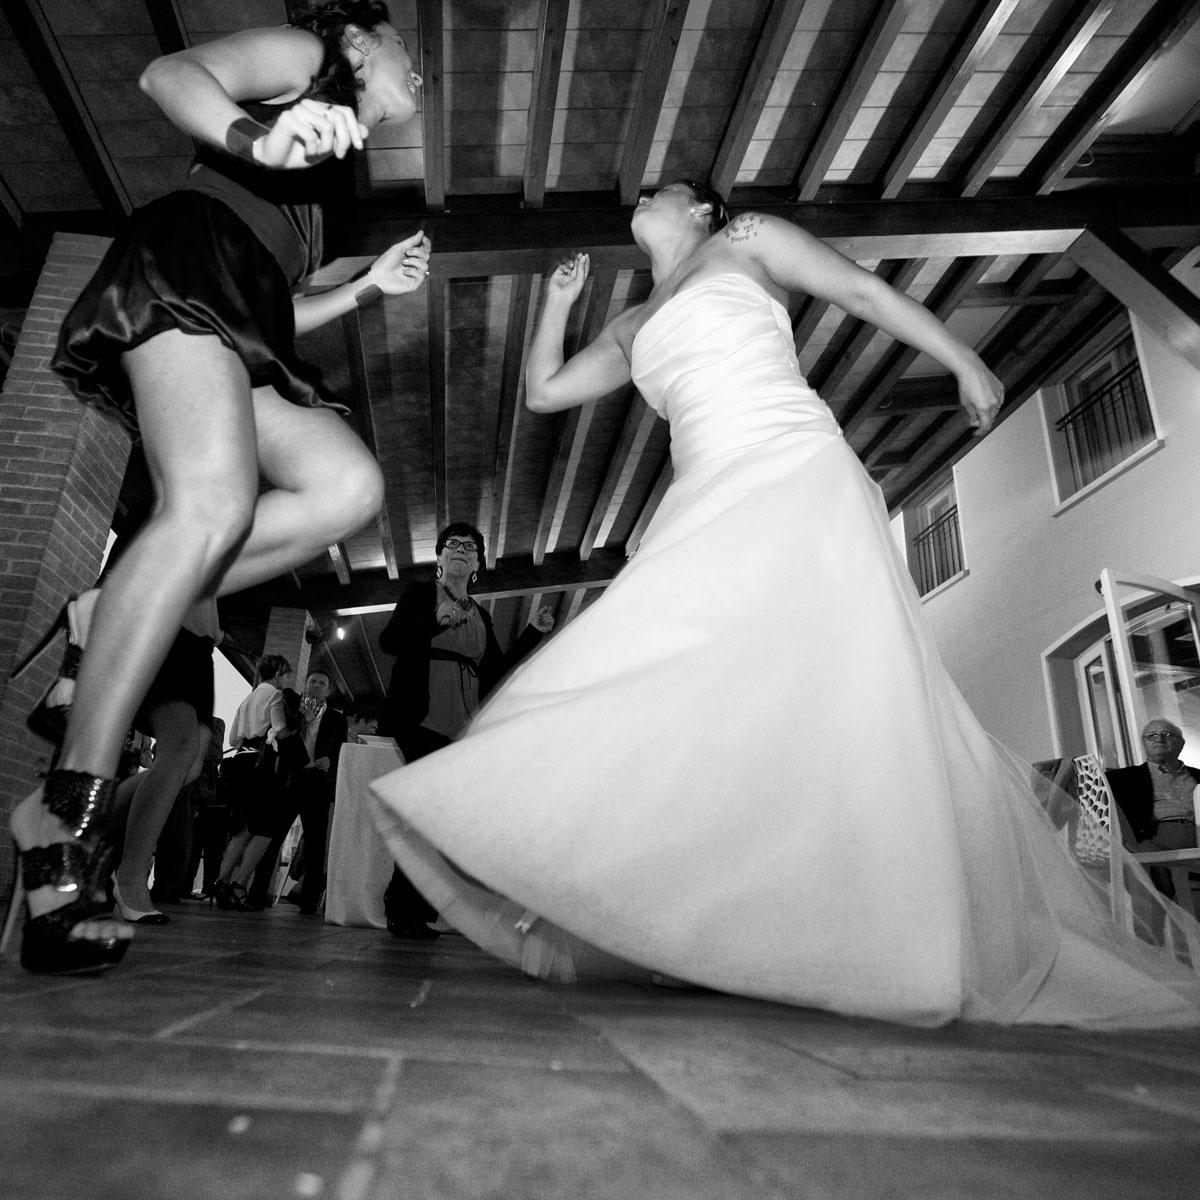 matrimoni-festa_013_SP